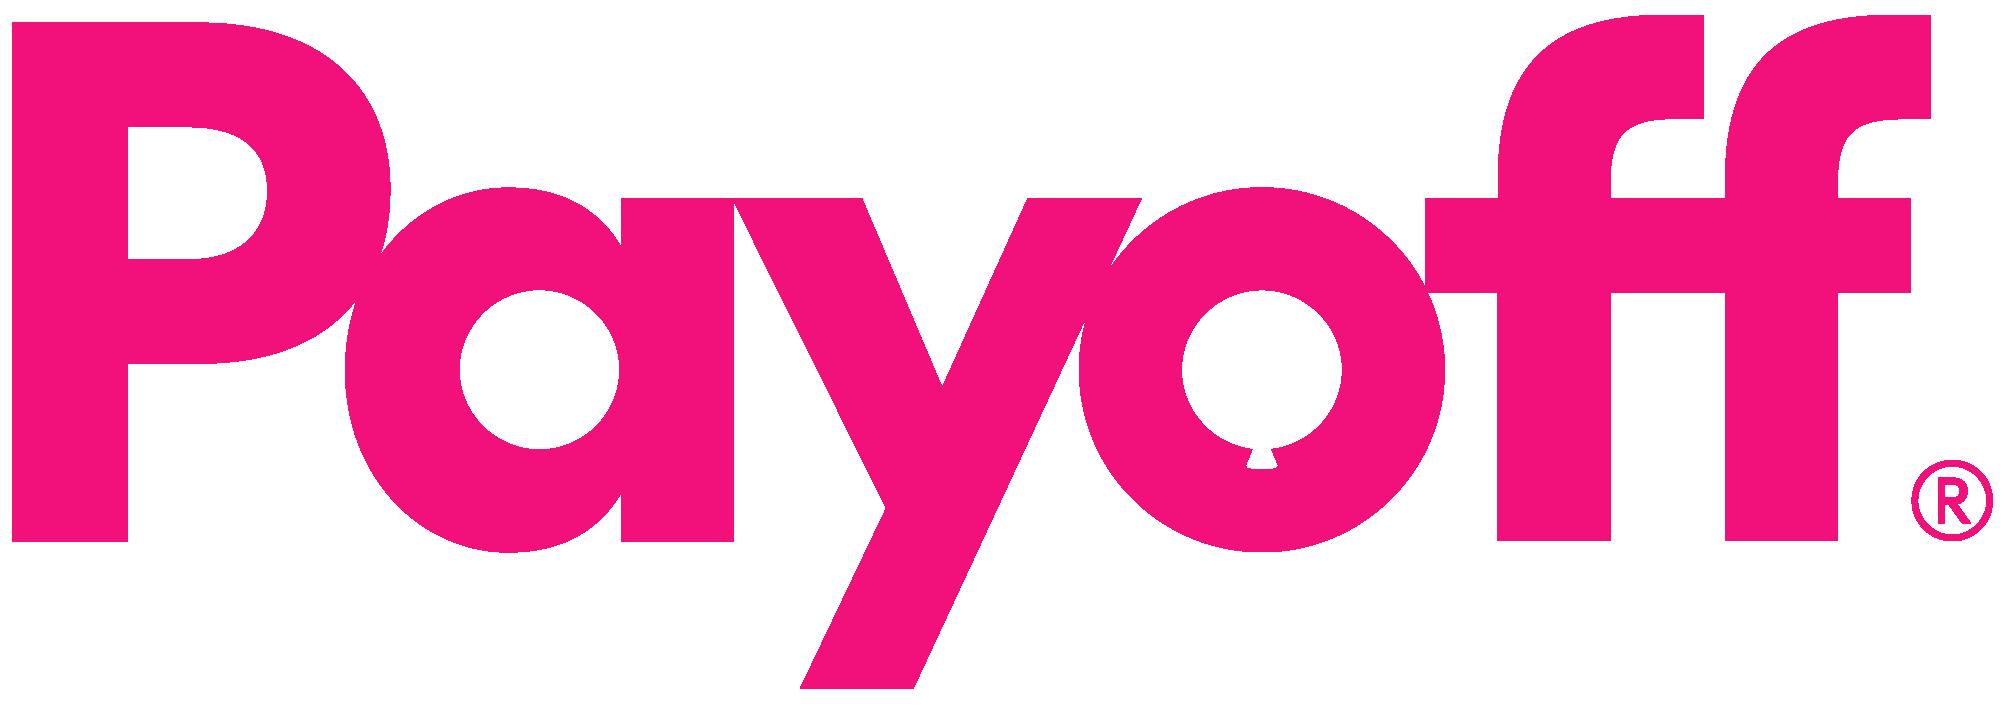 payoffLogo